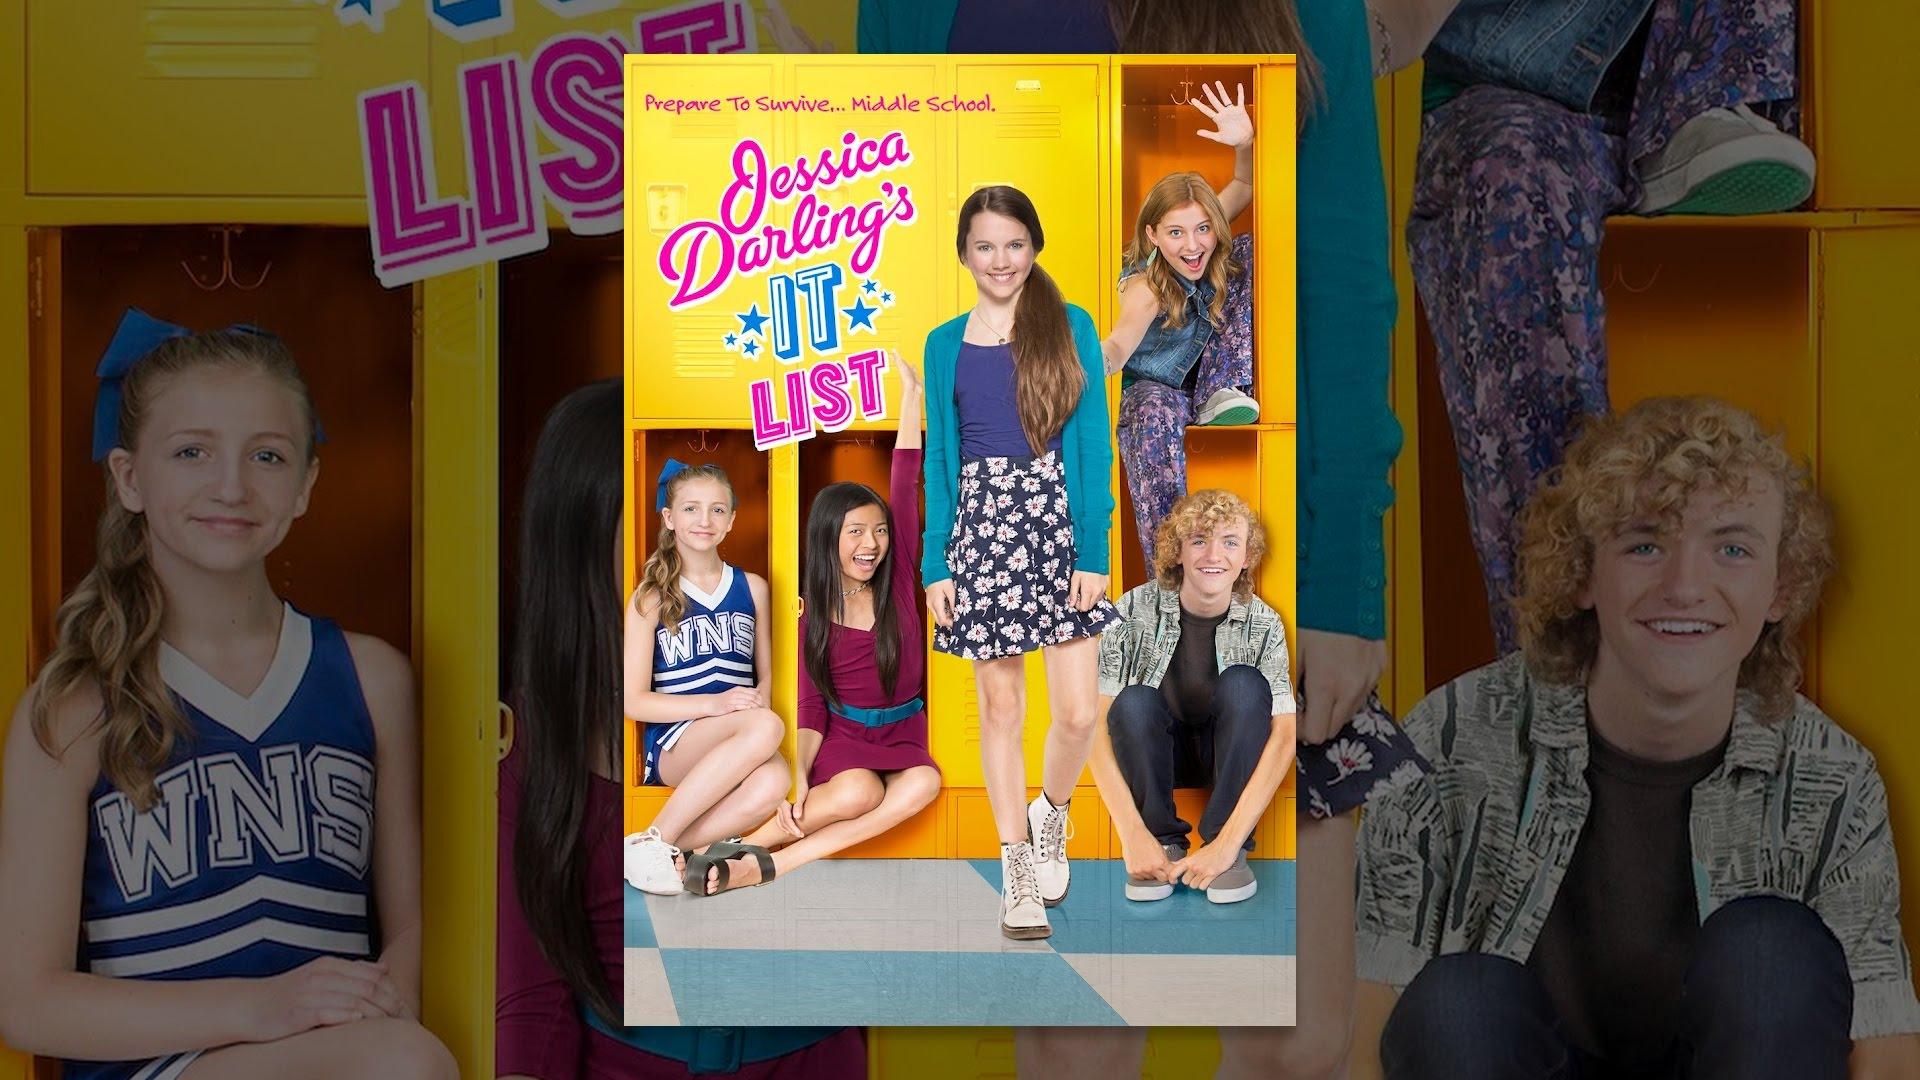 Jessica DarlingS It List